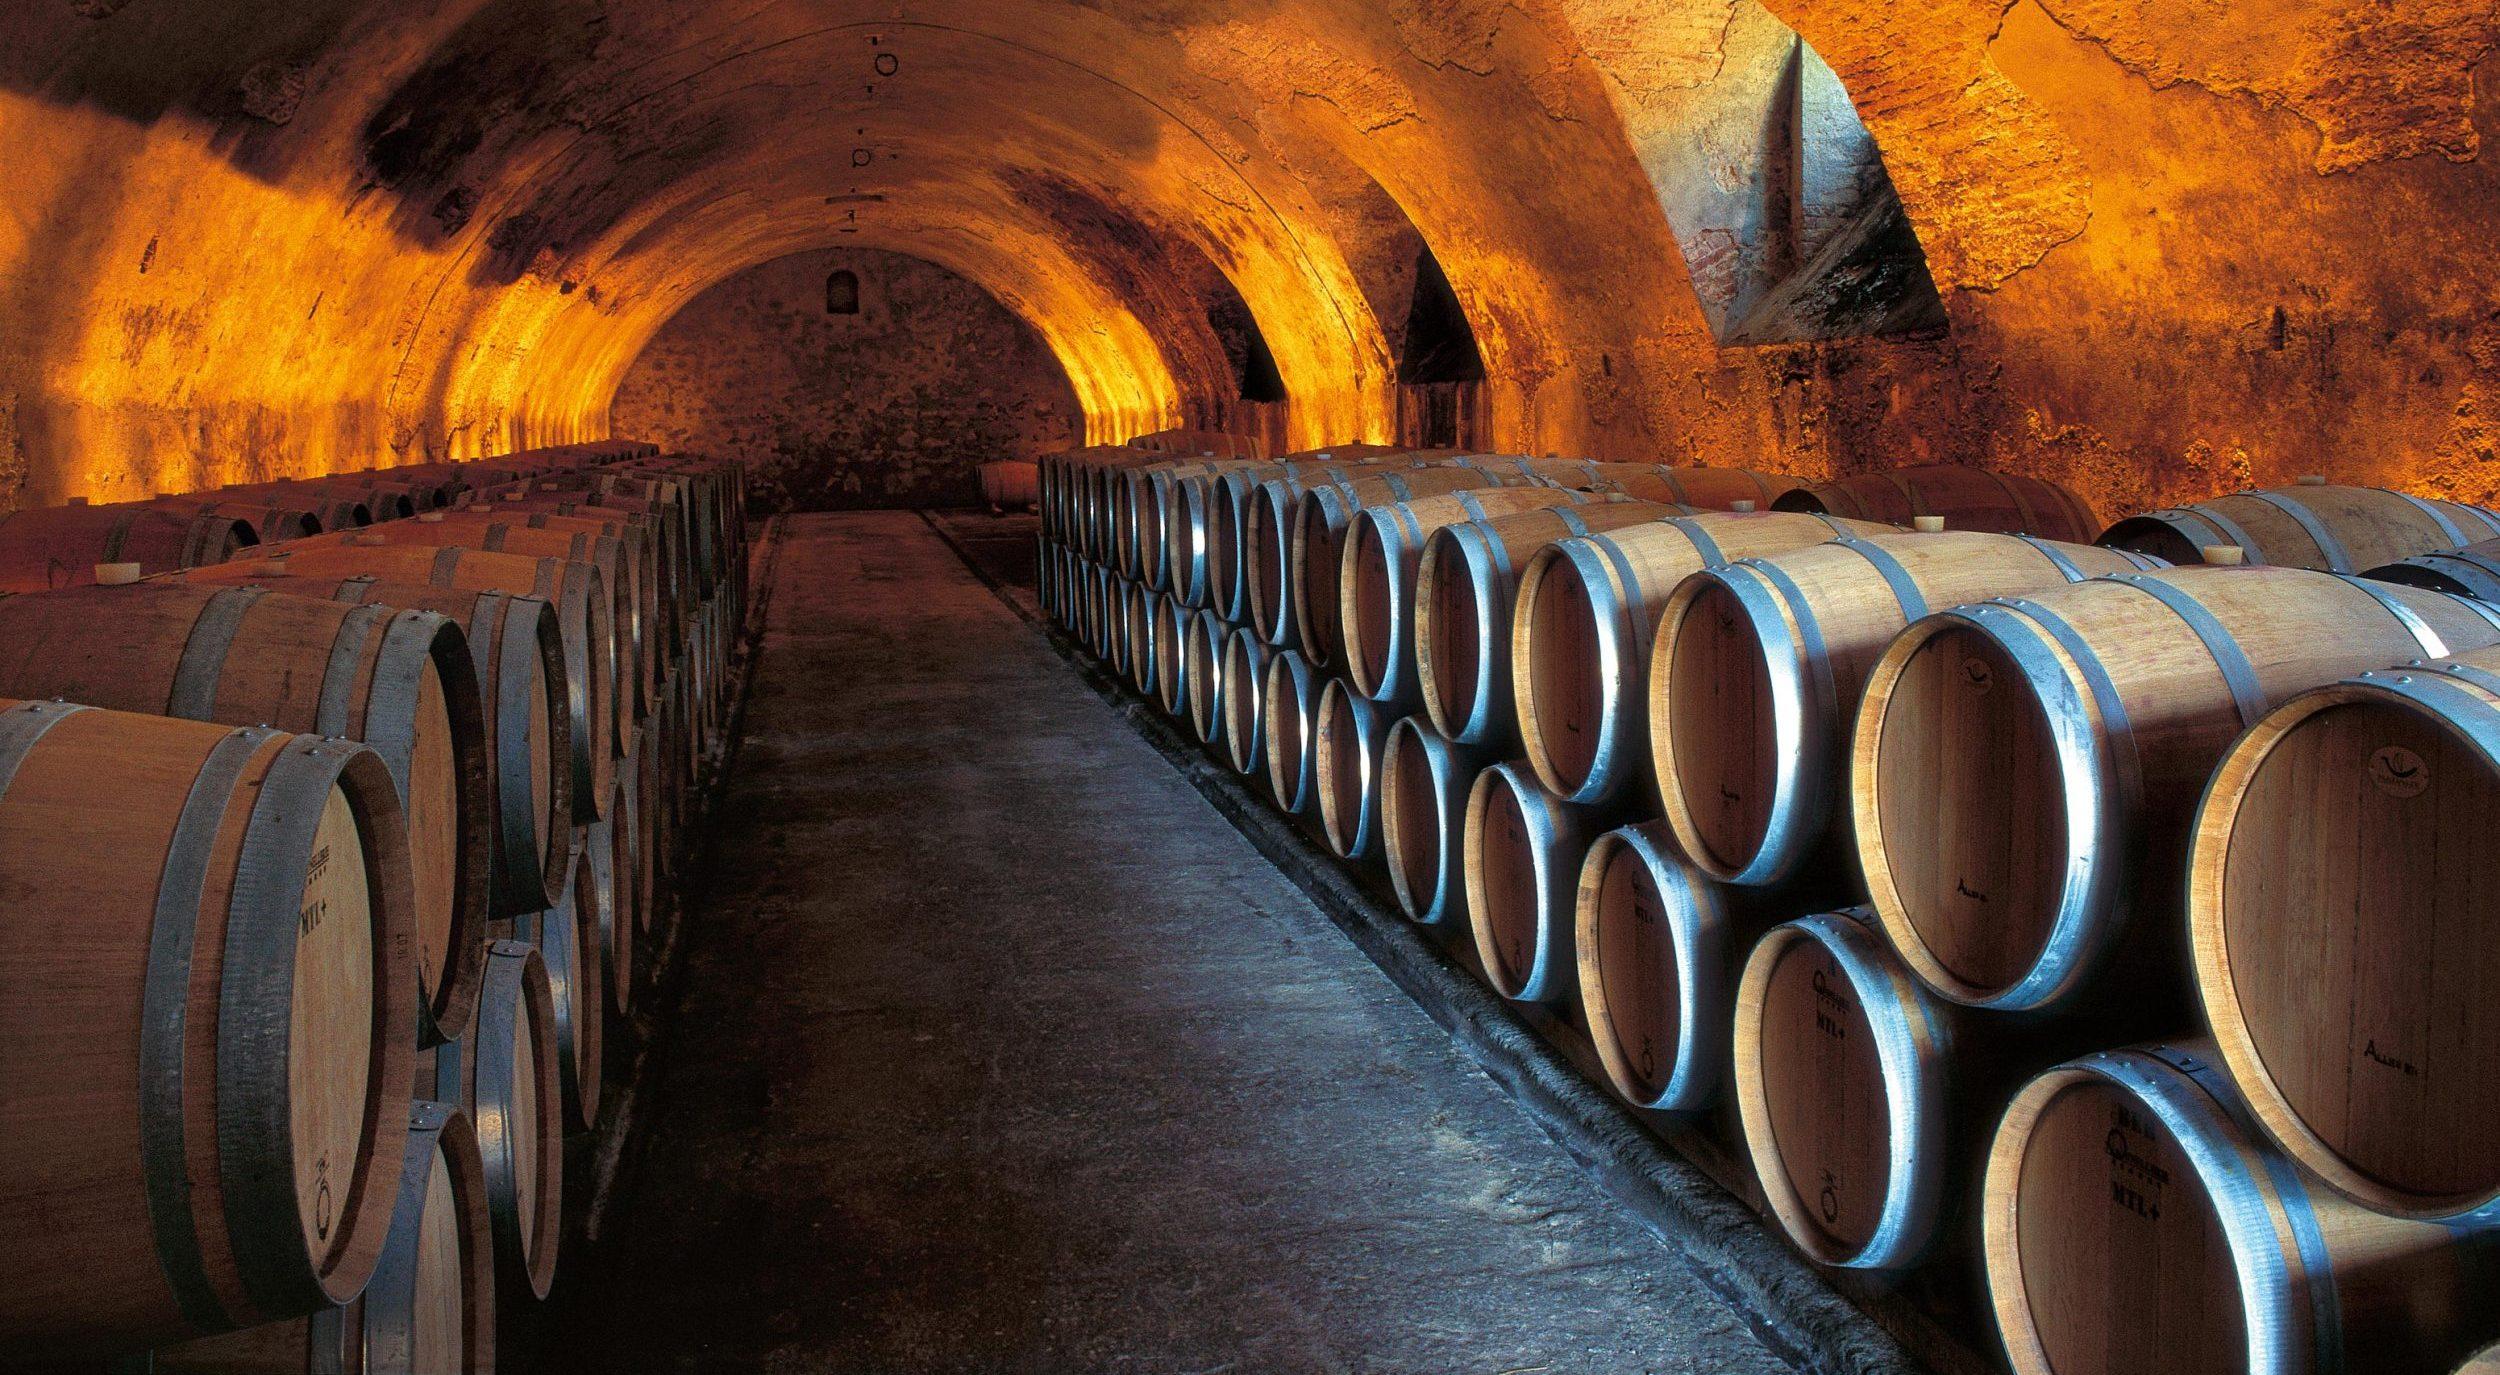 Wine cellar at Tenuta degli Dei.